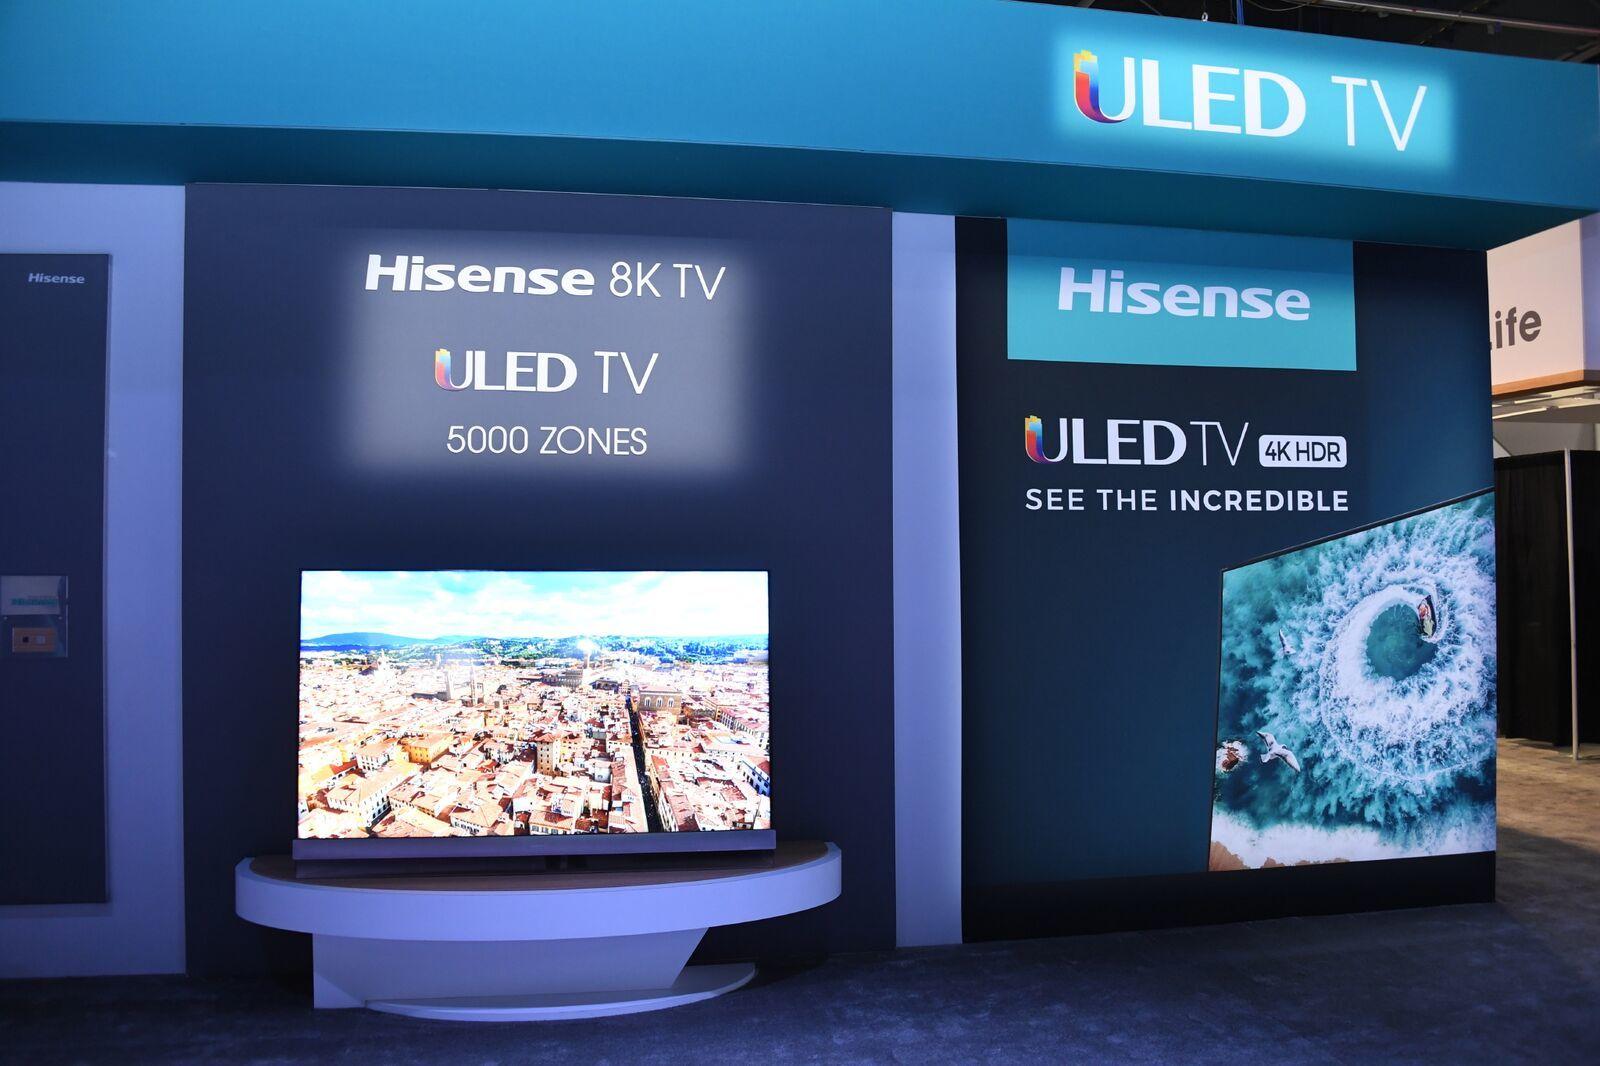 hisense показала ces 2019 новые uled-телевизоры ультратонкий sonic